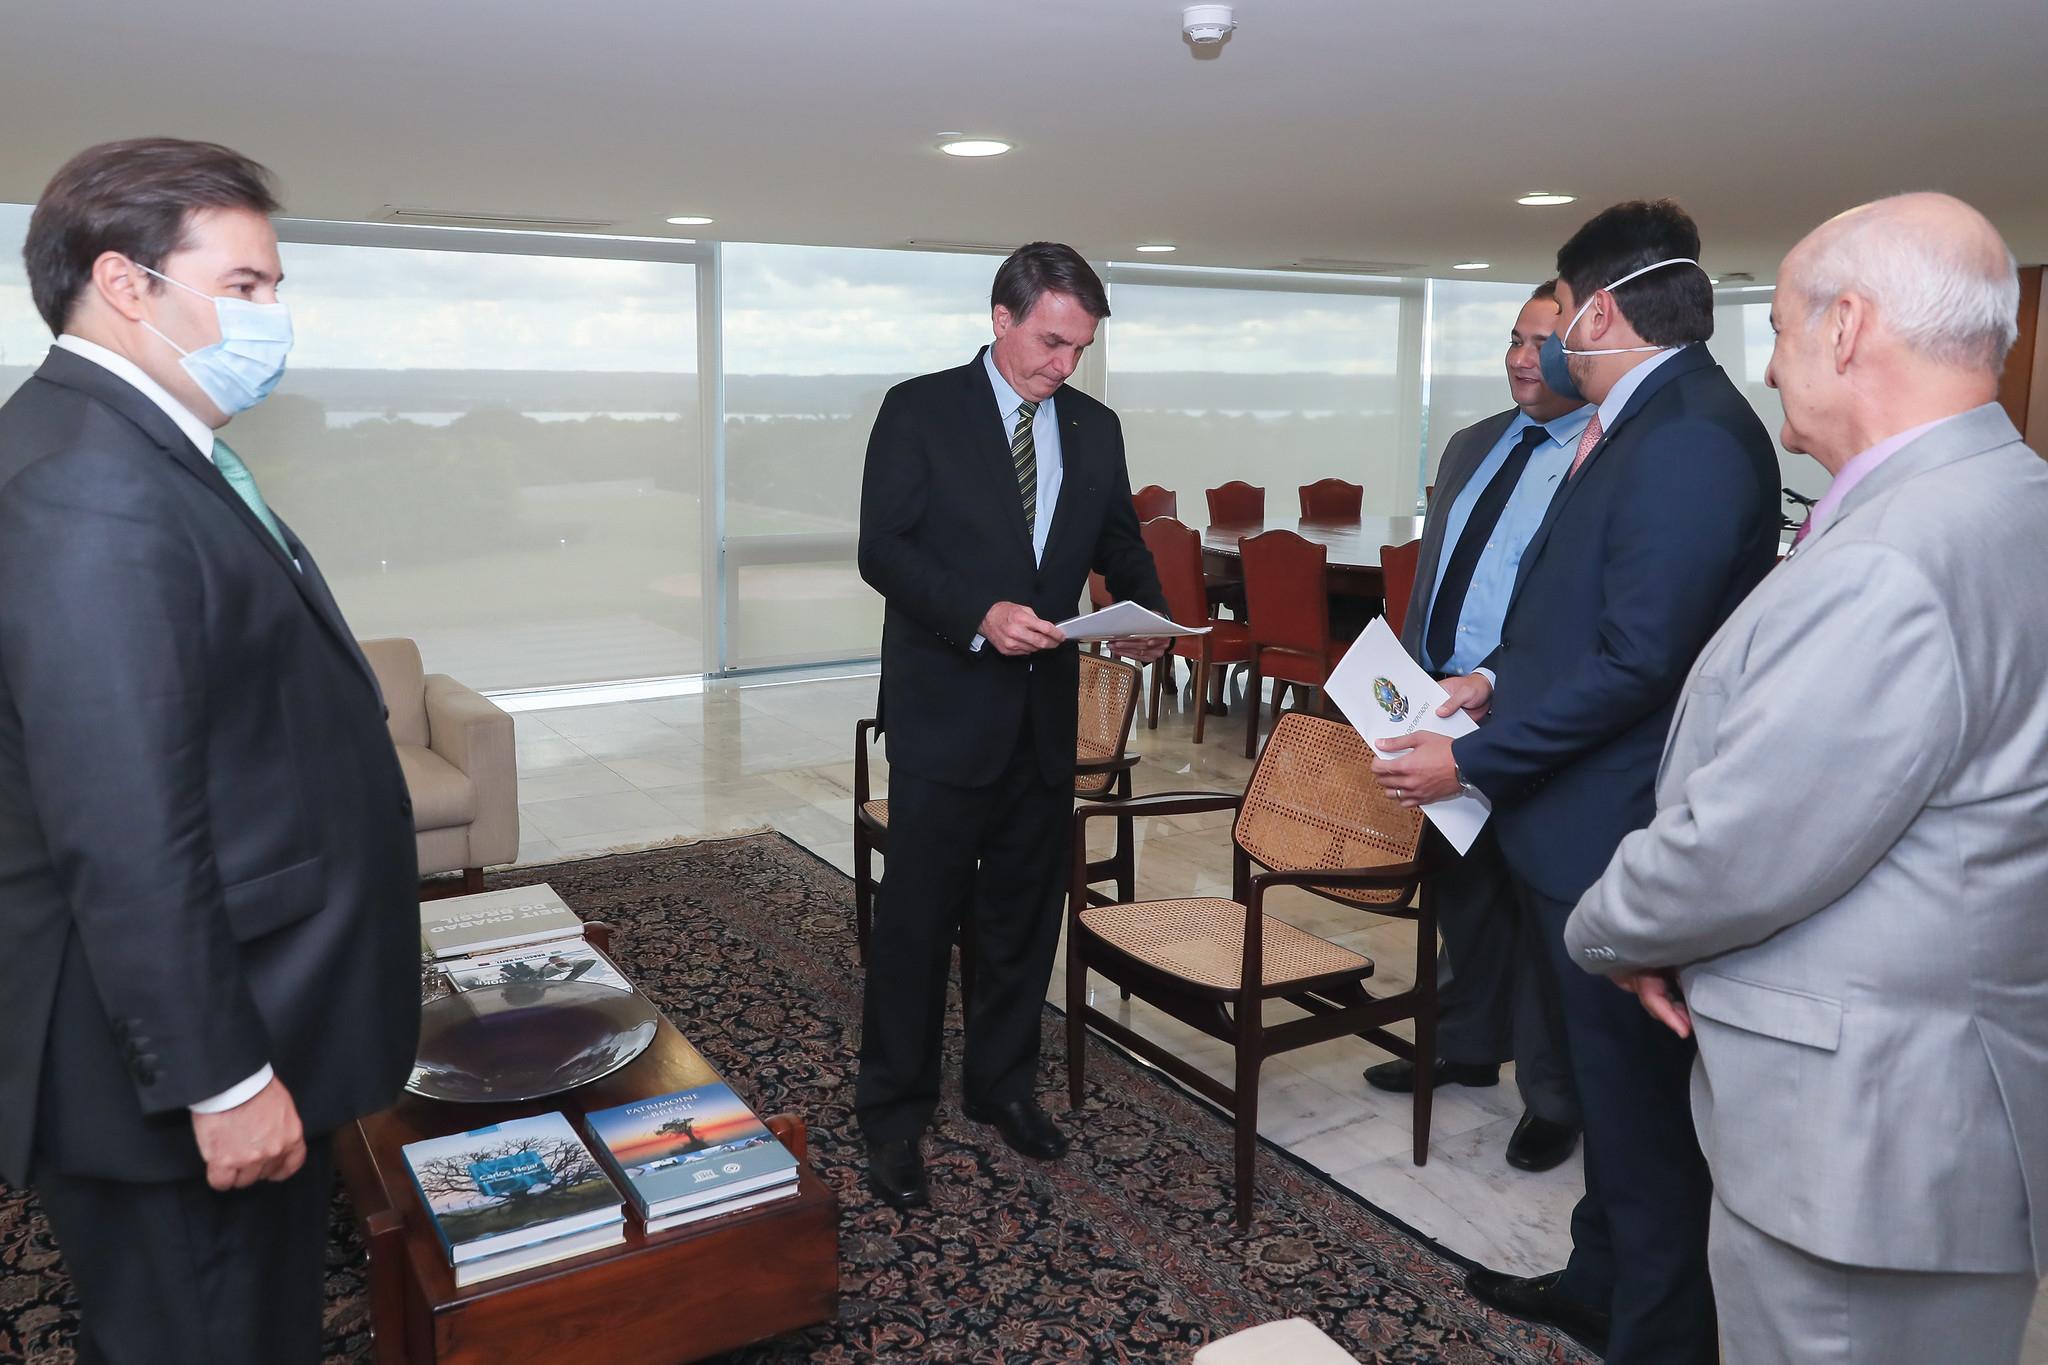 Encontro do presidente Jair Bolsonaro com o presidente da Câmara, Rodrigo Maia, em 14 de maio de 2020